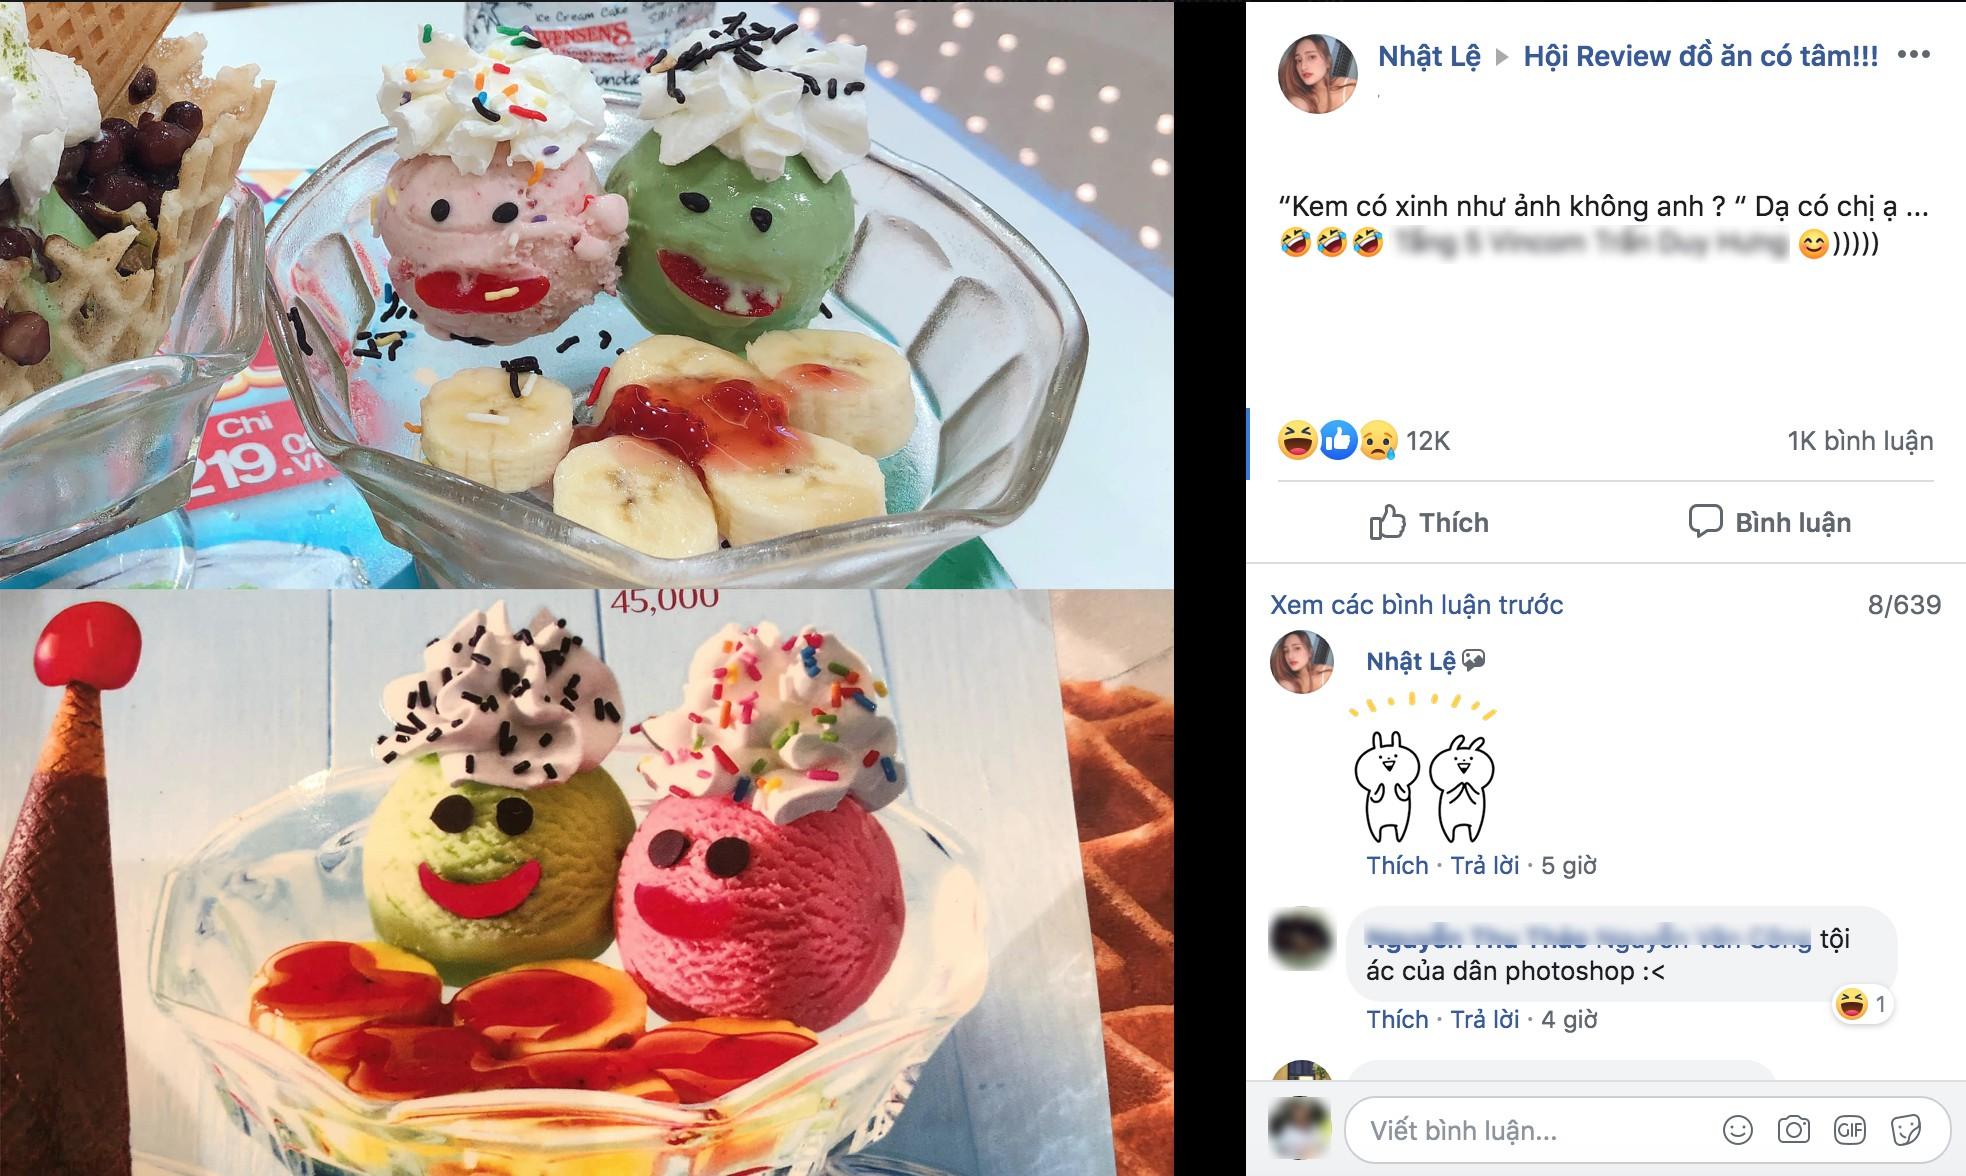 Dân mạng trầm trồ vì hình ảnh cốc kem hàng thật và hình quảng cáo chẳng khác nào ảnh ava và ảnh bạn chụp hộ-1